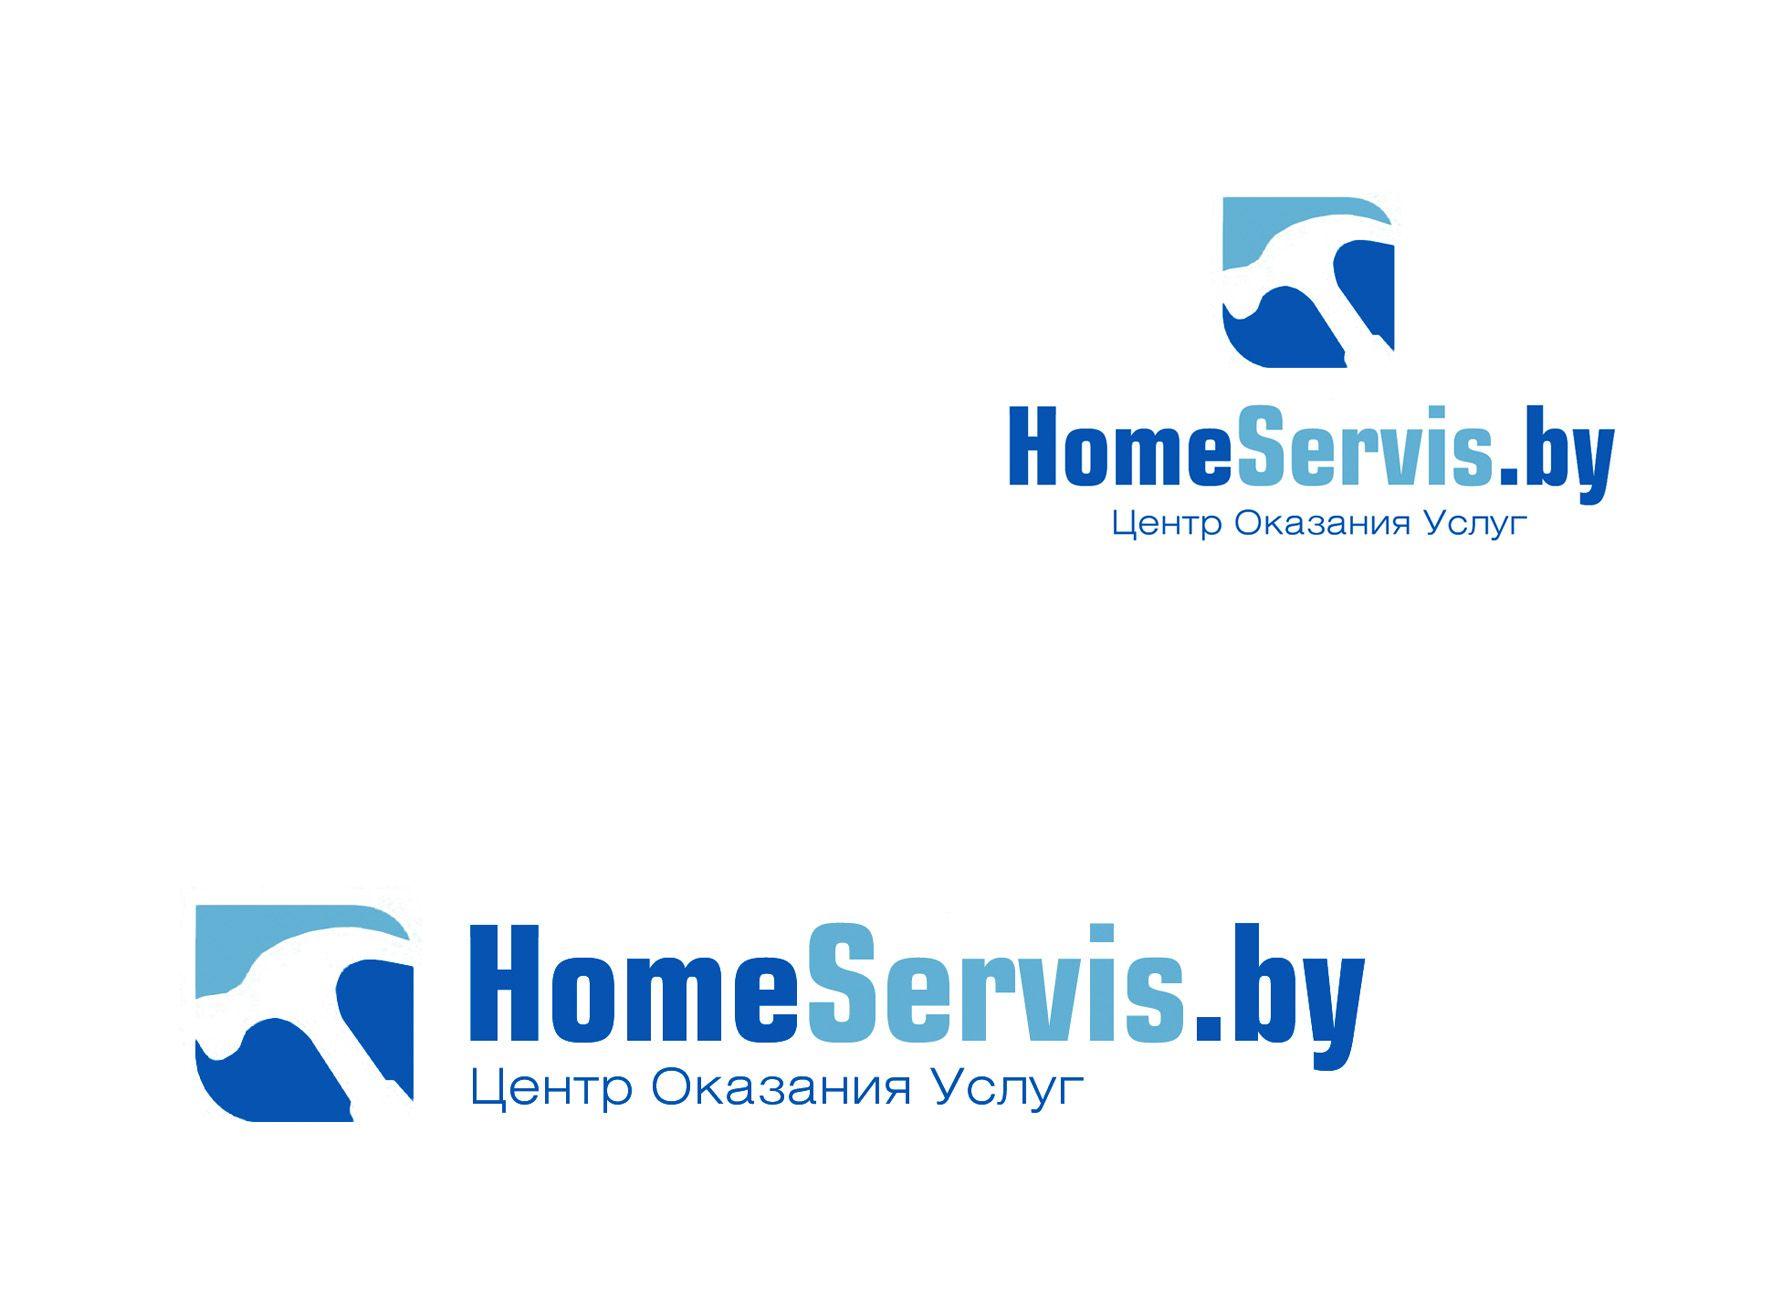 Логотип для компании HomeService - дизайнер BRUINISHE